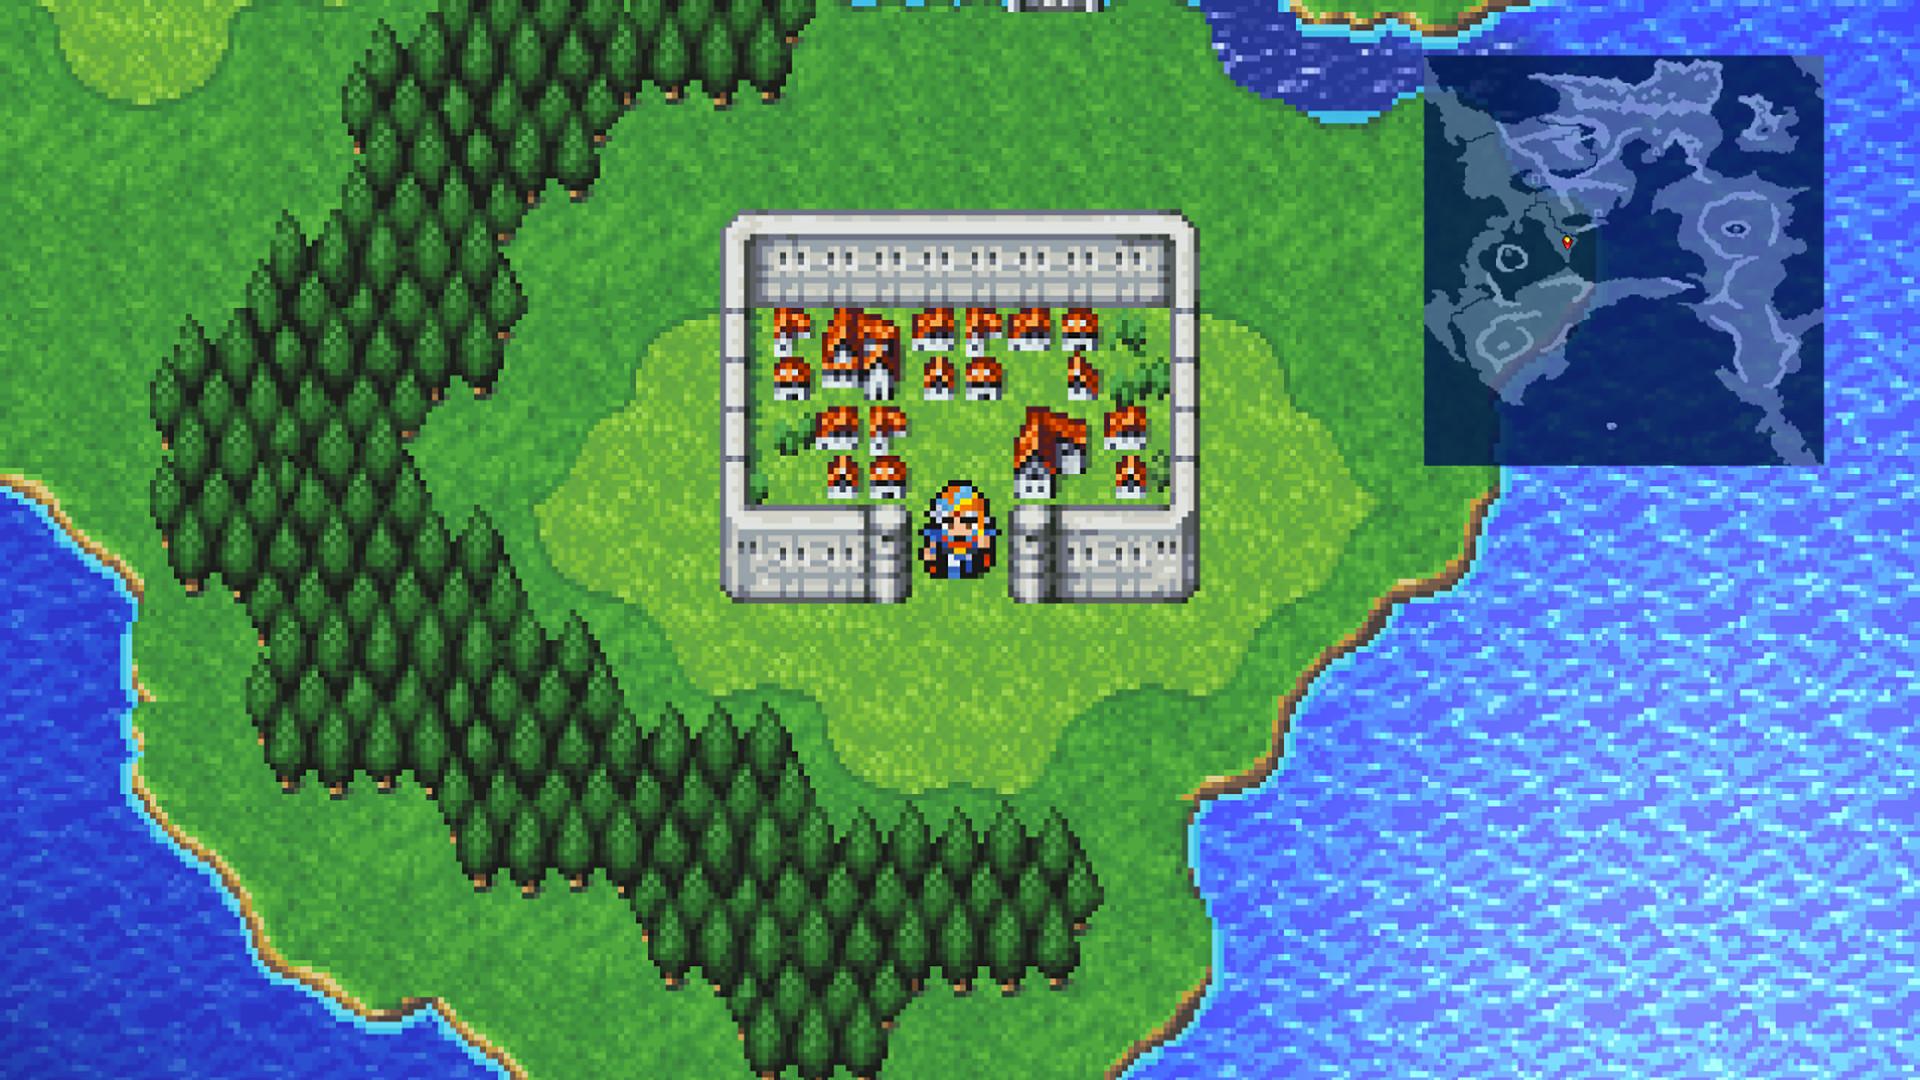 《最终幻想1-3》像素复刻版已在Steam发售 首发8折优惠